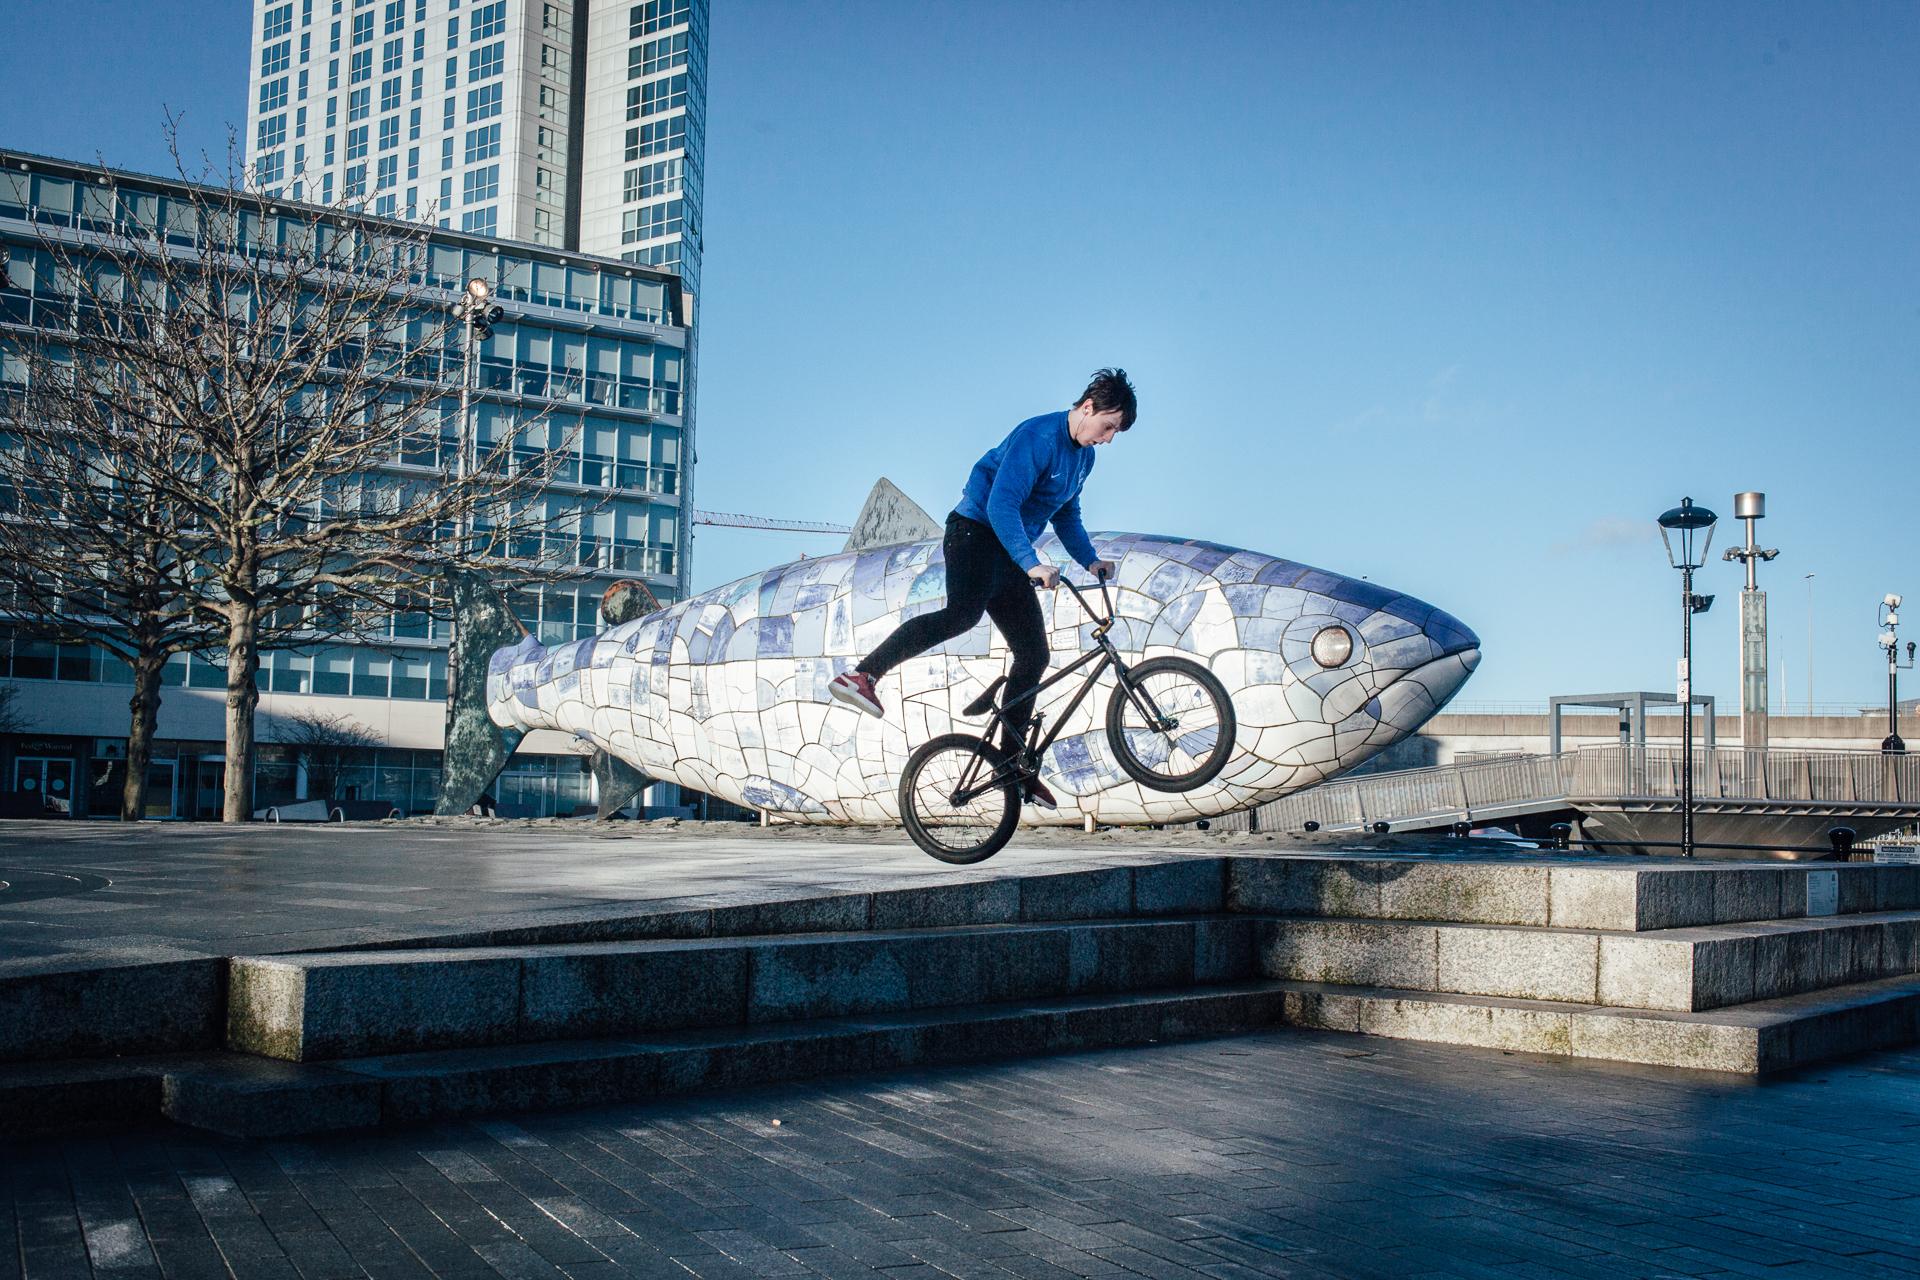 """Belfast, le 26 février 2017. """"The big fish : the salmon of knowledge"""", sculpture emblématique de la ville, réalisée par John Kindness en 1999."""